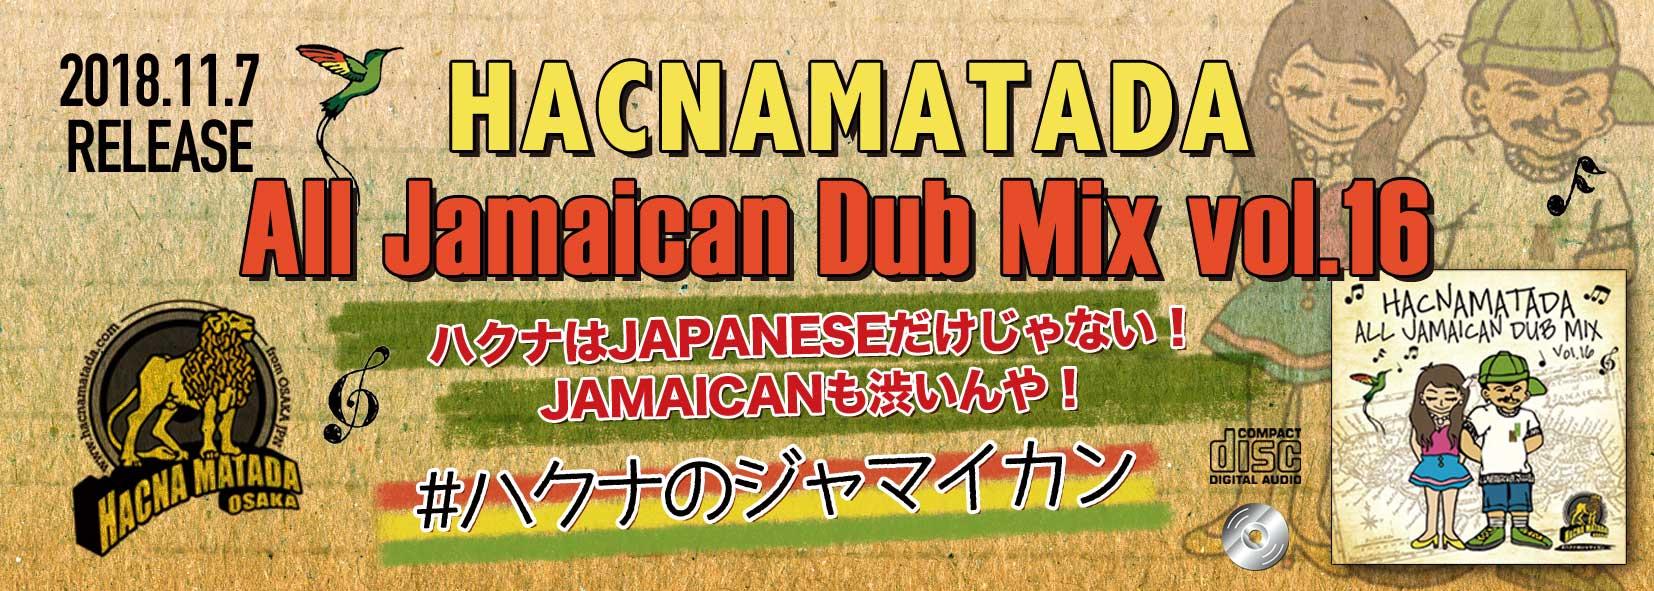 ジャパレゲ・レゲエCD・ MIXCD・DVD  オンラインショップ 3000円以上送料無料 | スライド画像